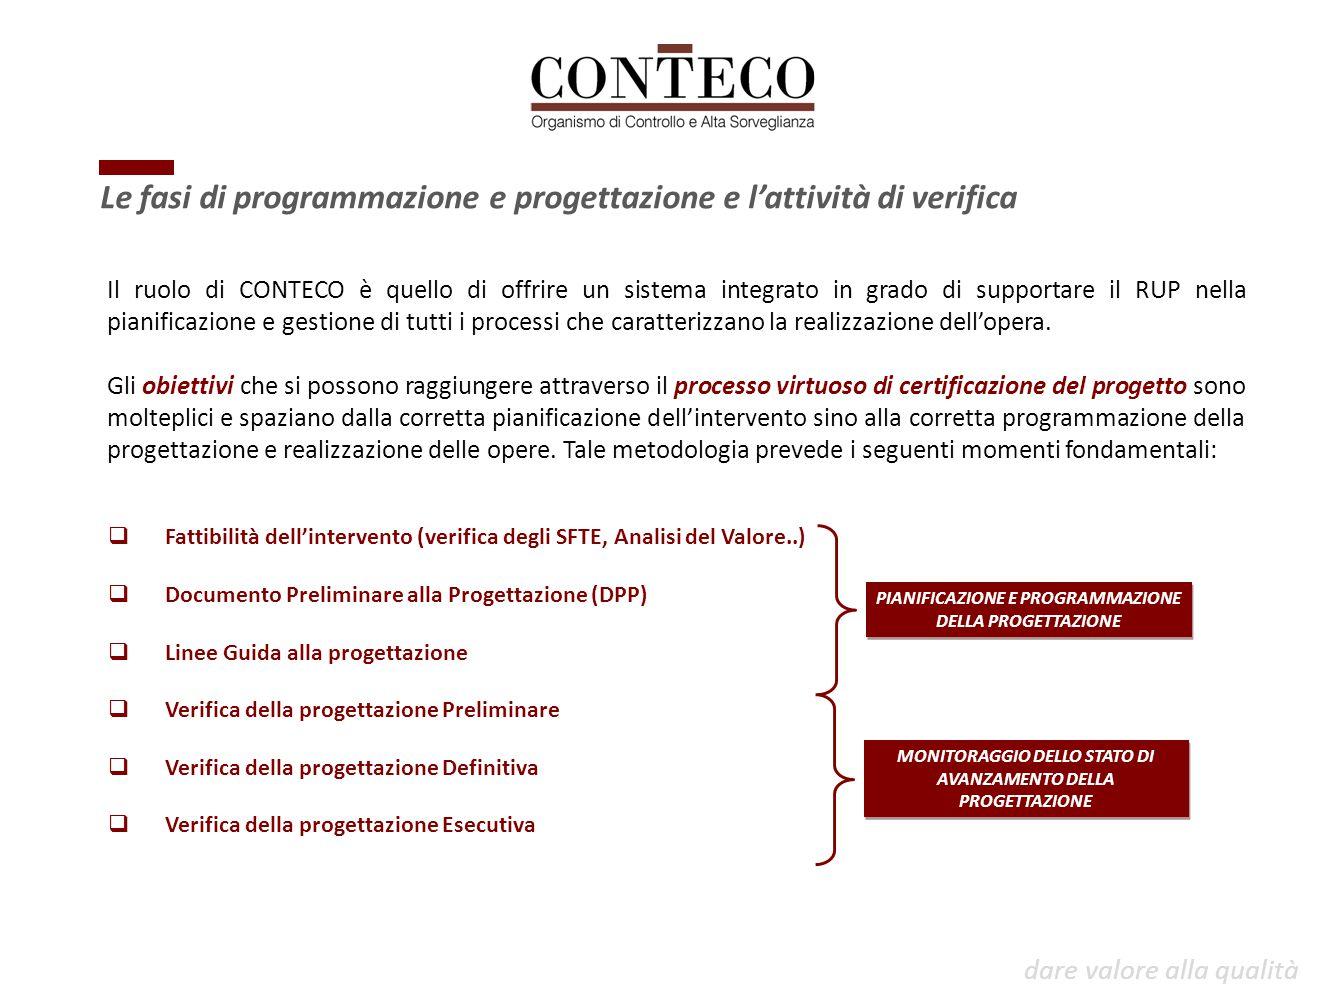 CONTECO, accreditata da ACCREDIA (unico ente di accreditamento riconosciuto dall'European Accreditation - EA) come primo Organismo di Controllo indipendente di Tipo A nel settore costruzioni, svolge la propria attività ai sensi della norma UNI EN ISO/IEC 17020 e in conformità alle norme tecniche UNI 10721 e 10722/1/2/3.